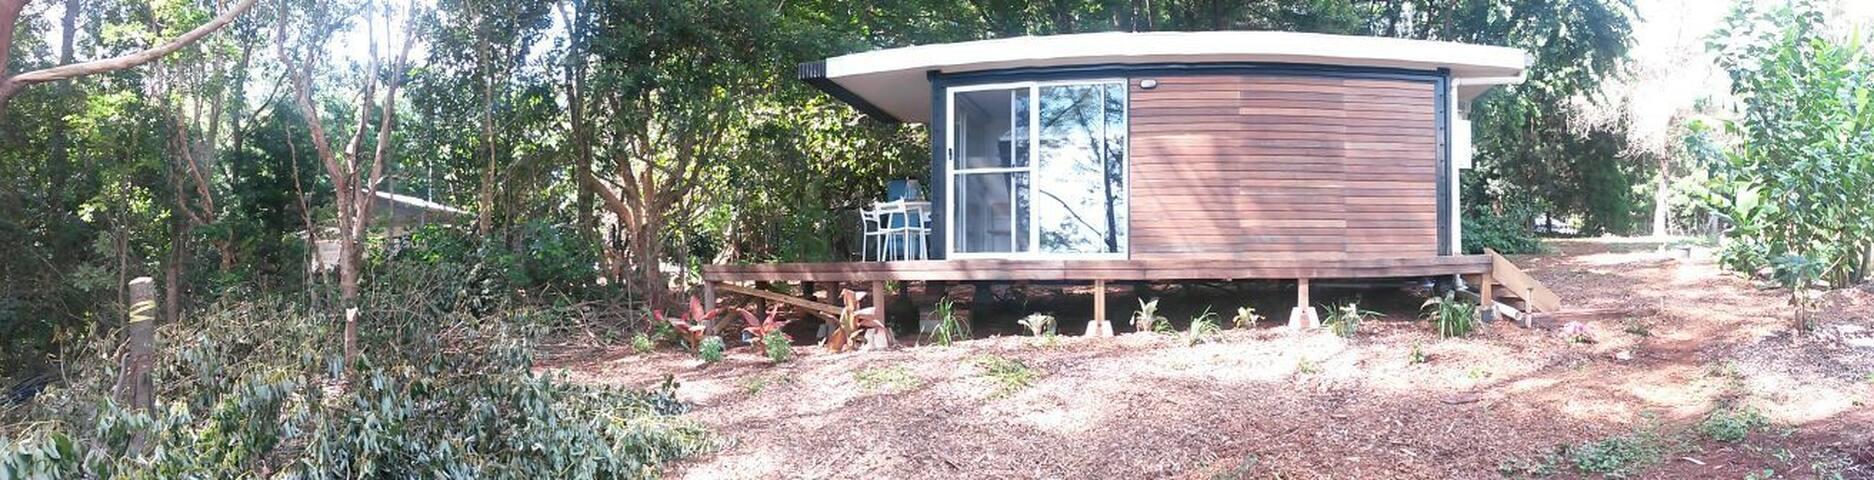 Tiny House in McLeans Ridges - McLeans Ridges - Houten huisje